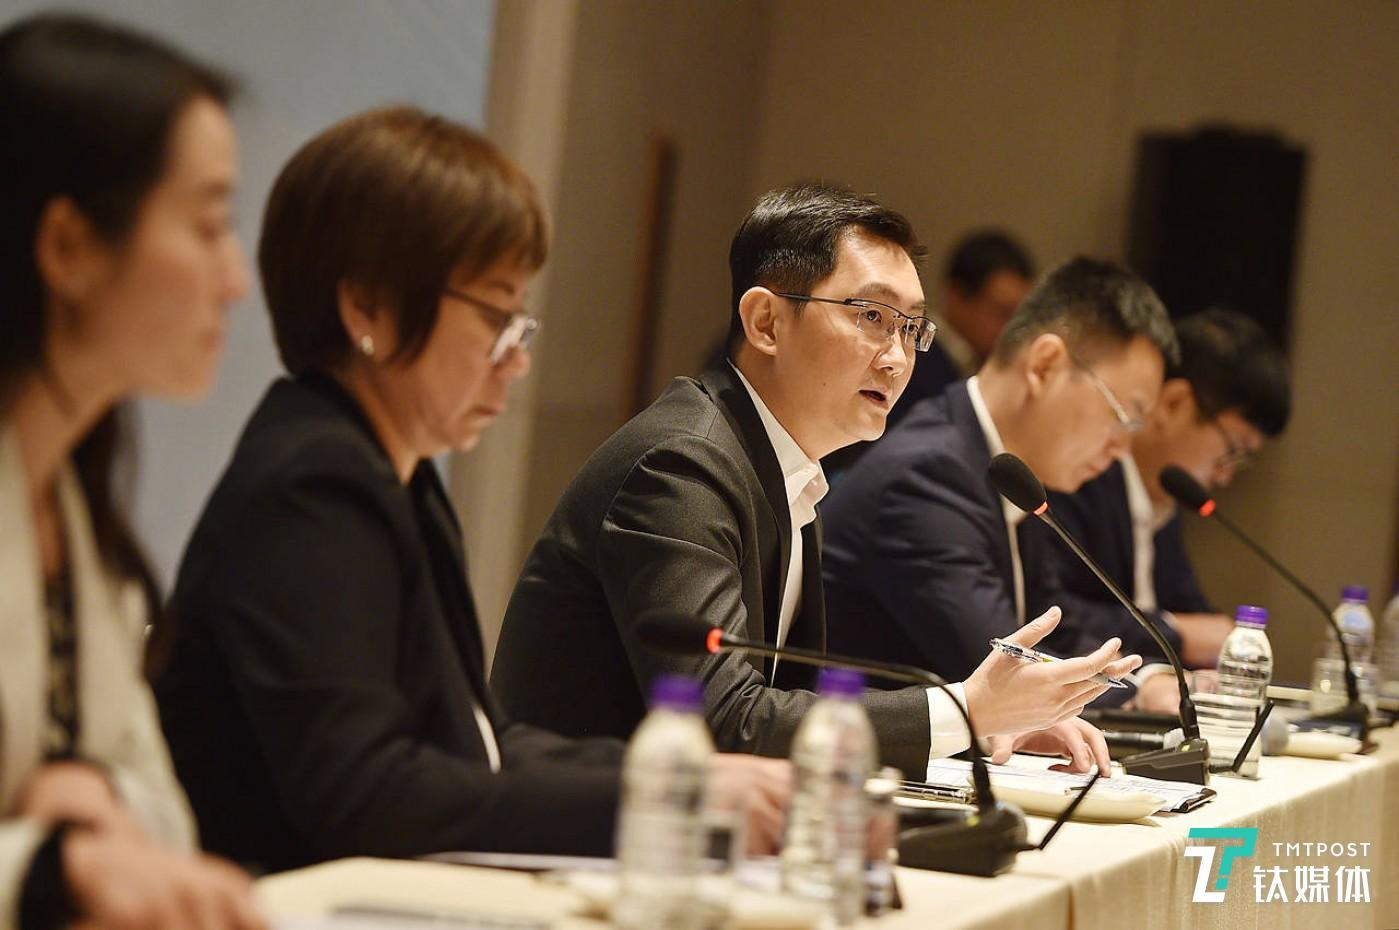 马化腾建言两会,提出产业、科研与社会民生等七大建议